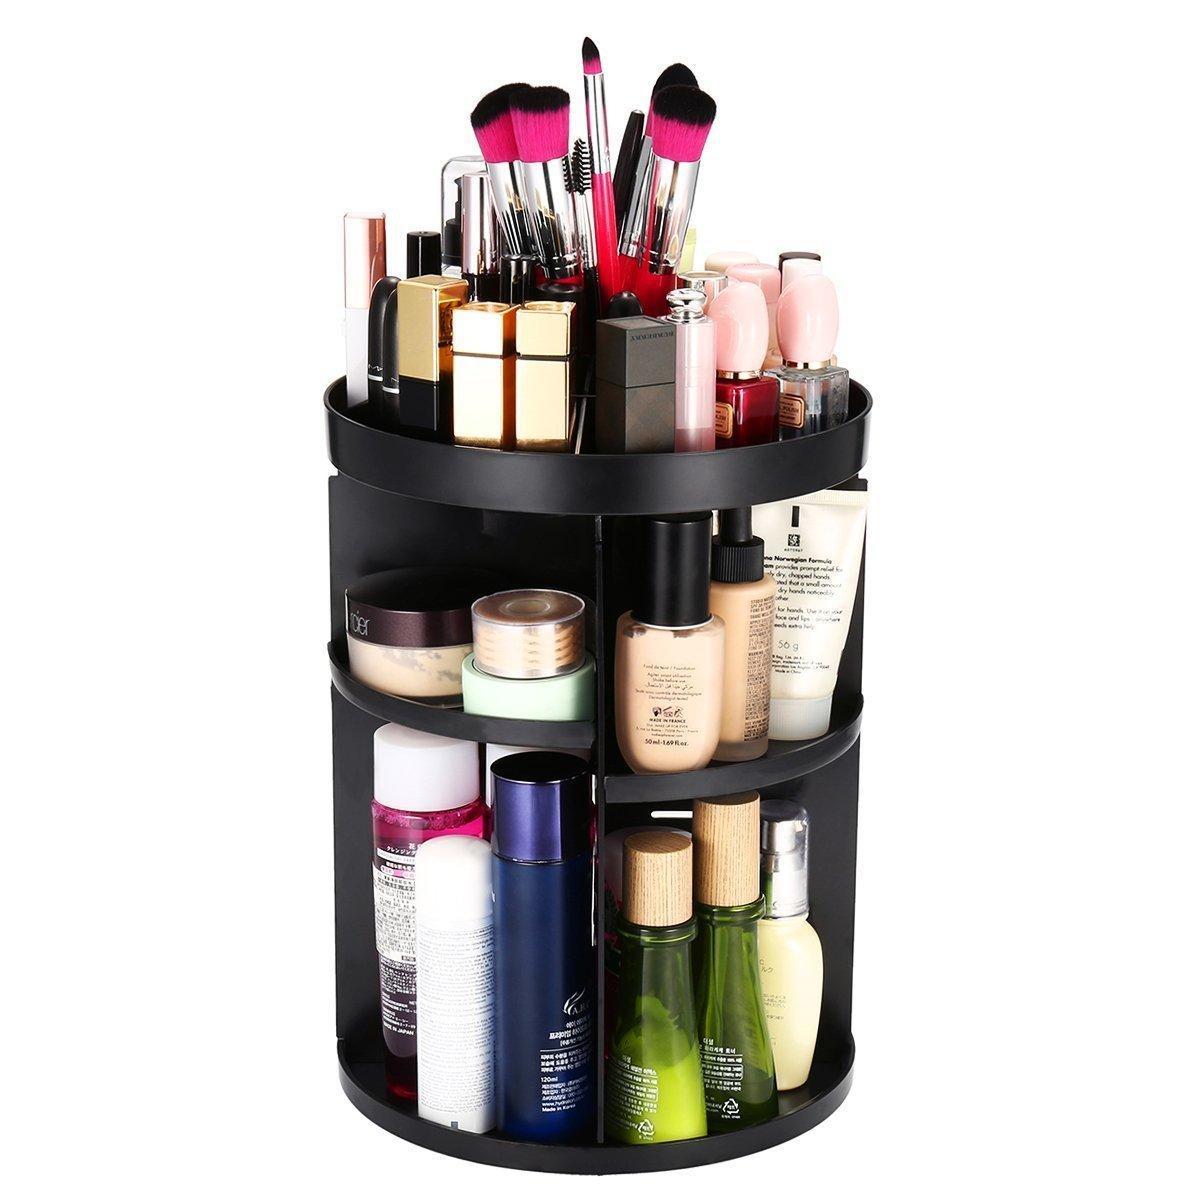 Maquillage Pas Cher Achat Discount Maquillage Produit De Beaute Ventes Pas Cher Com